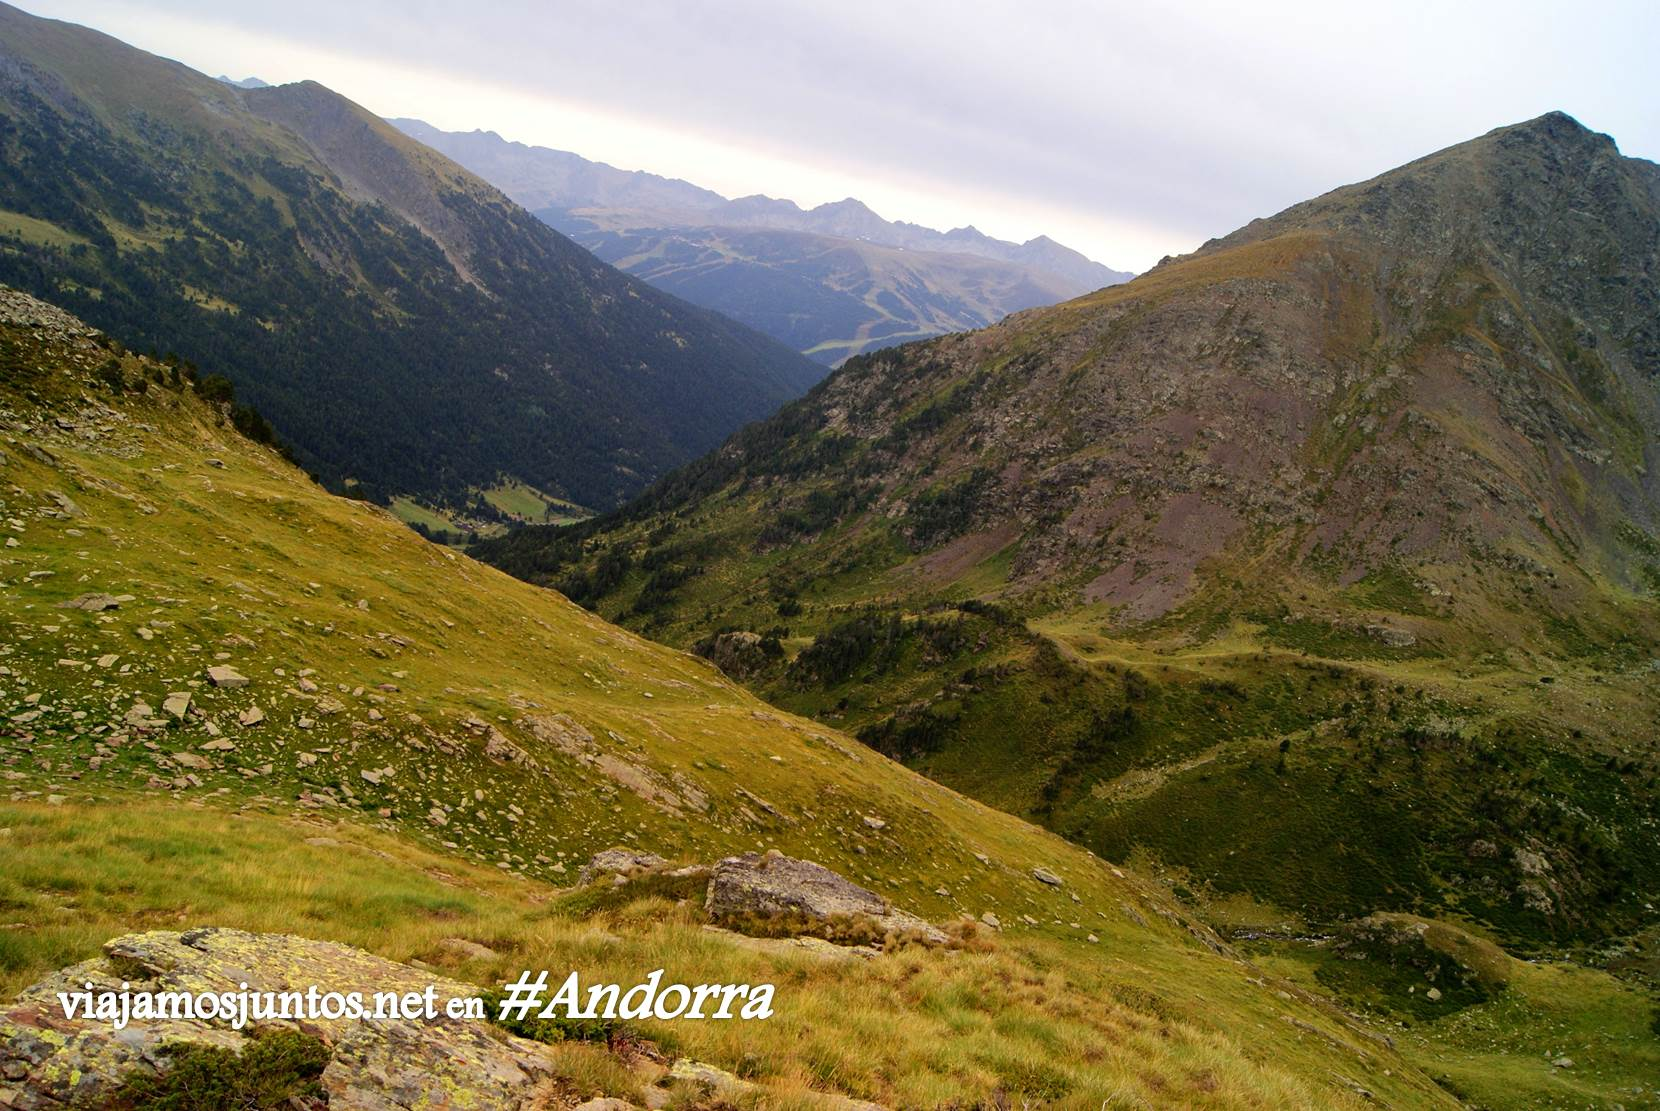 GRP de Andorra, trekking por los Pirineos Orientales; vistas verdes azules y negras